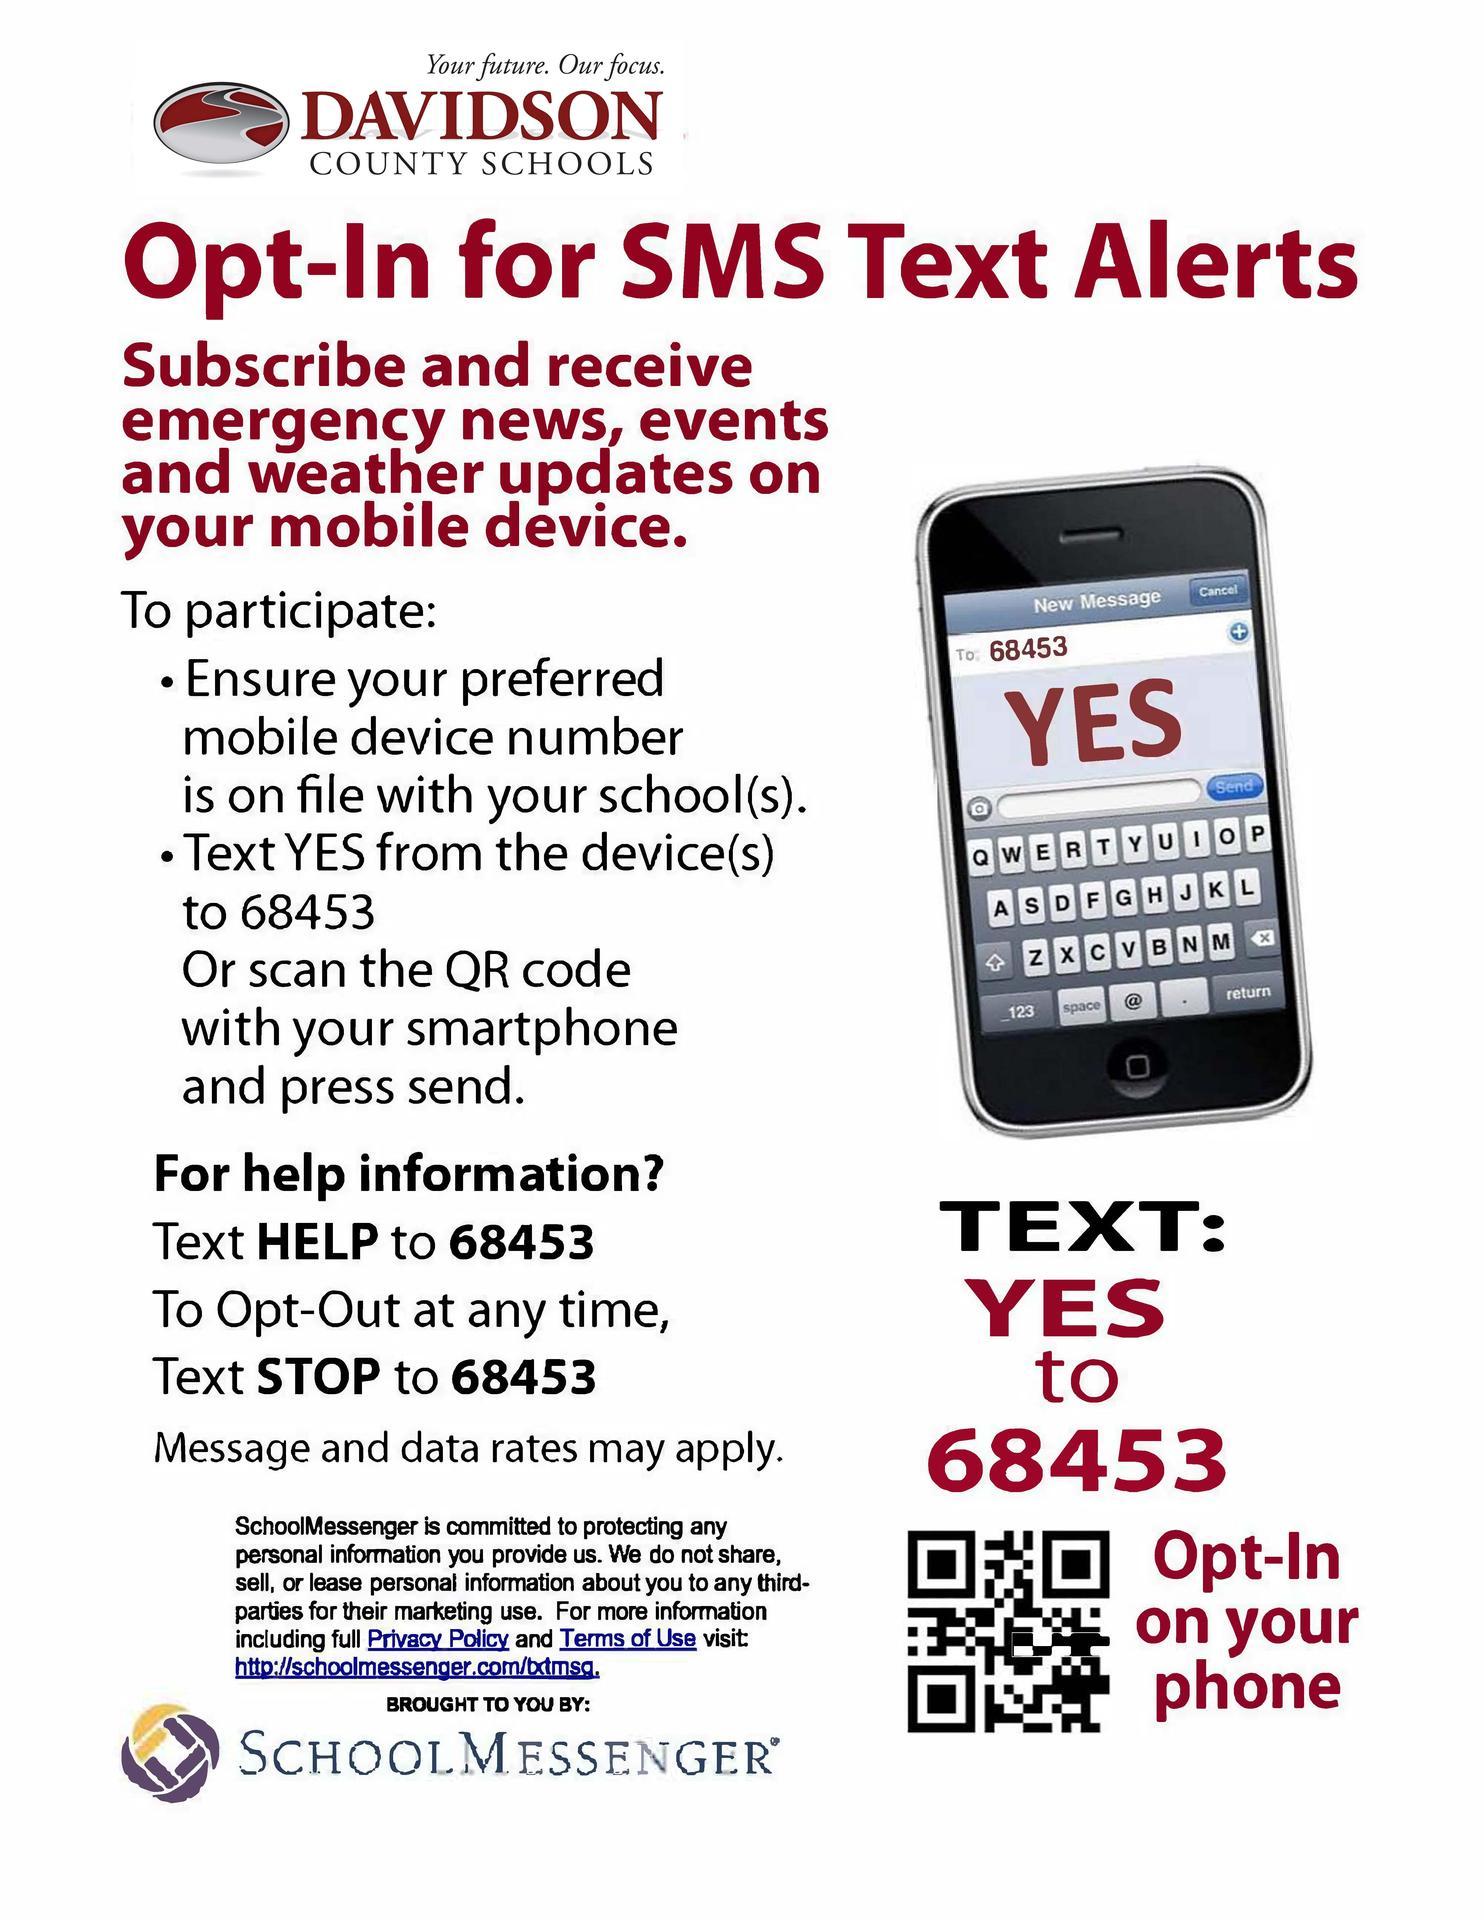 School Messenger Text opt-in